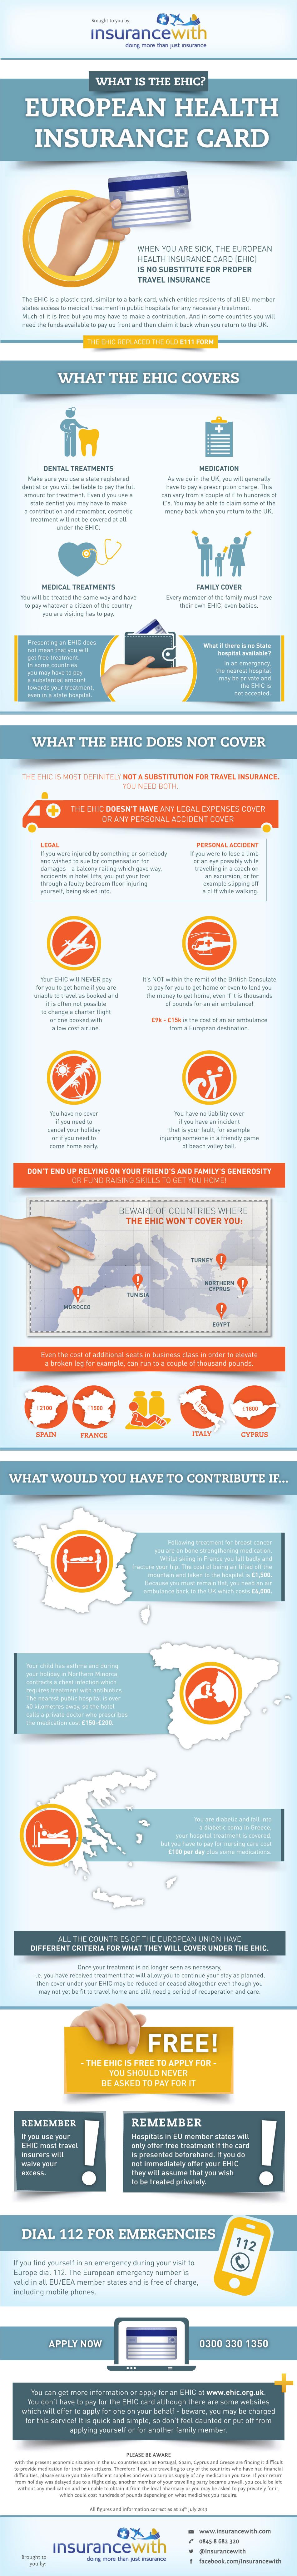 ehic-infographic